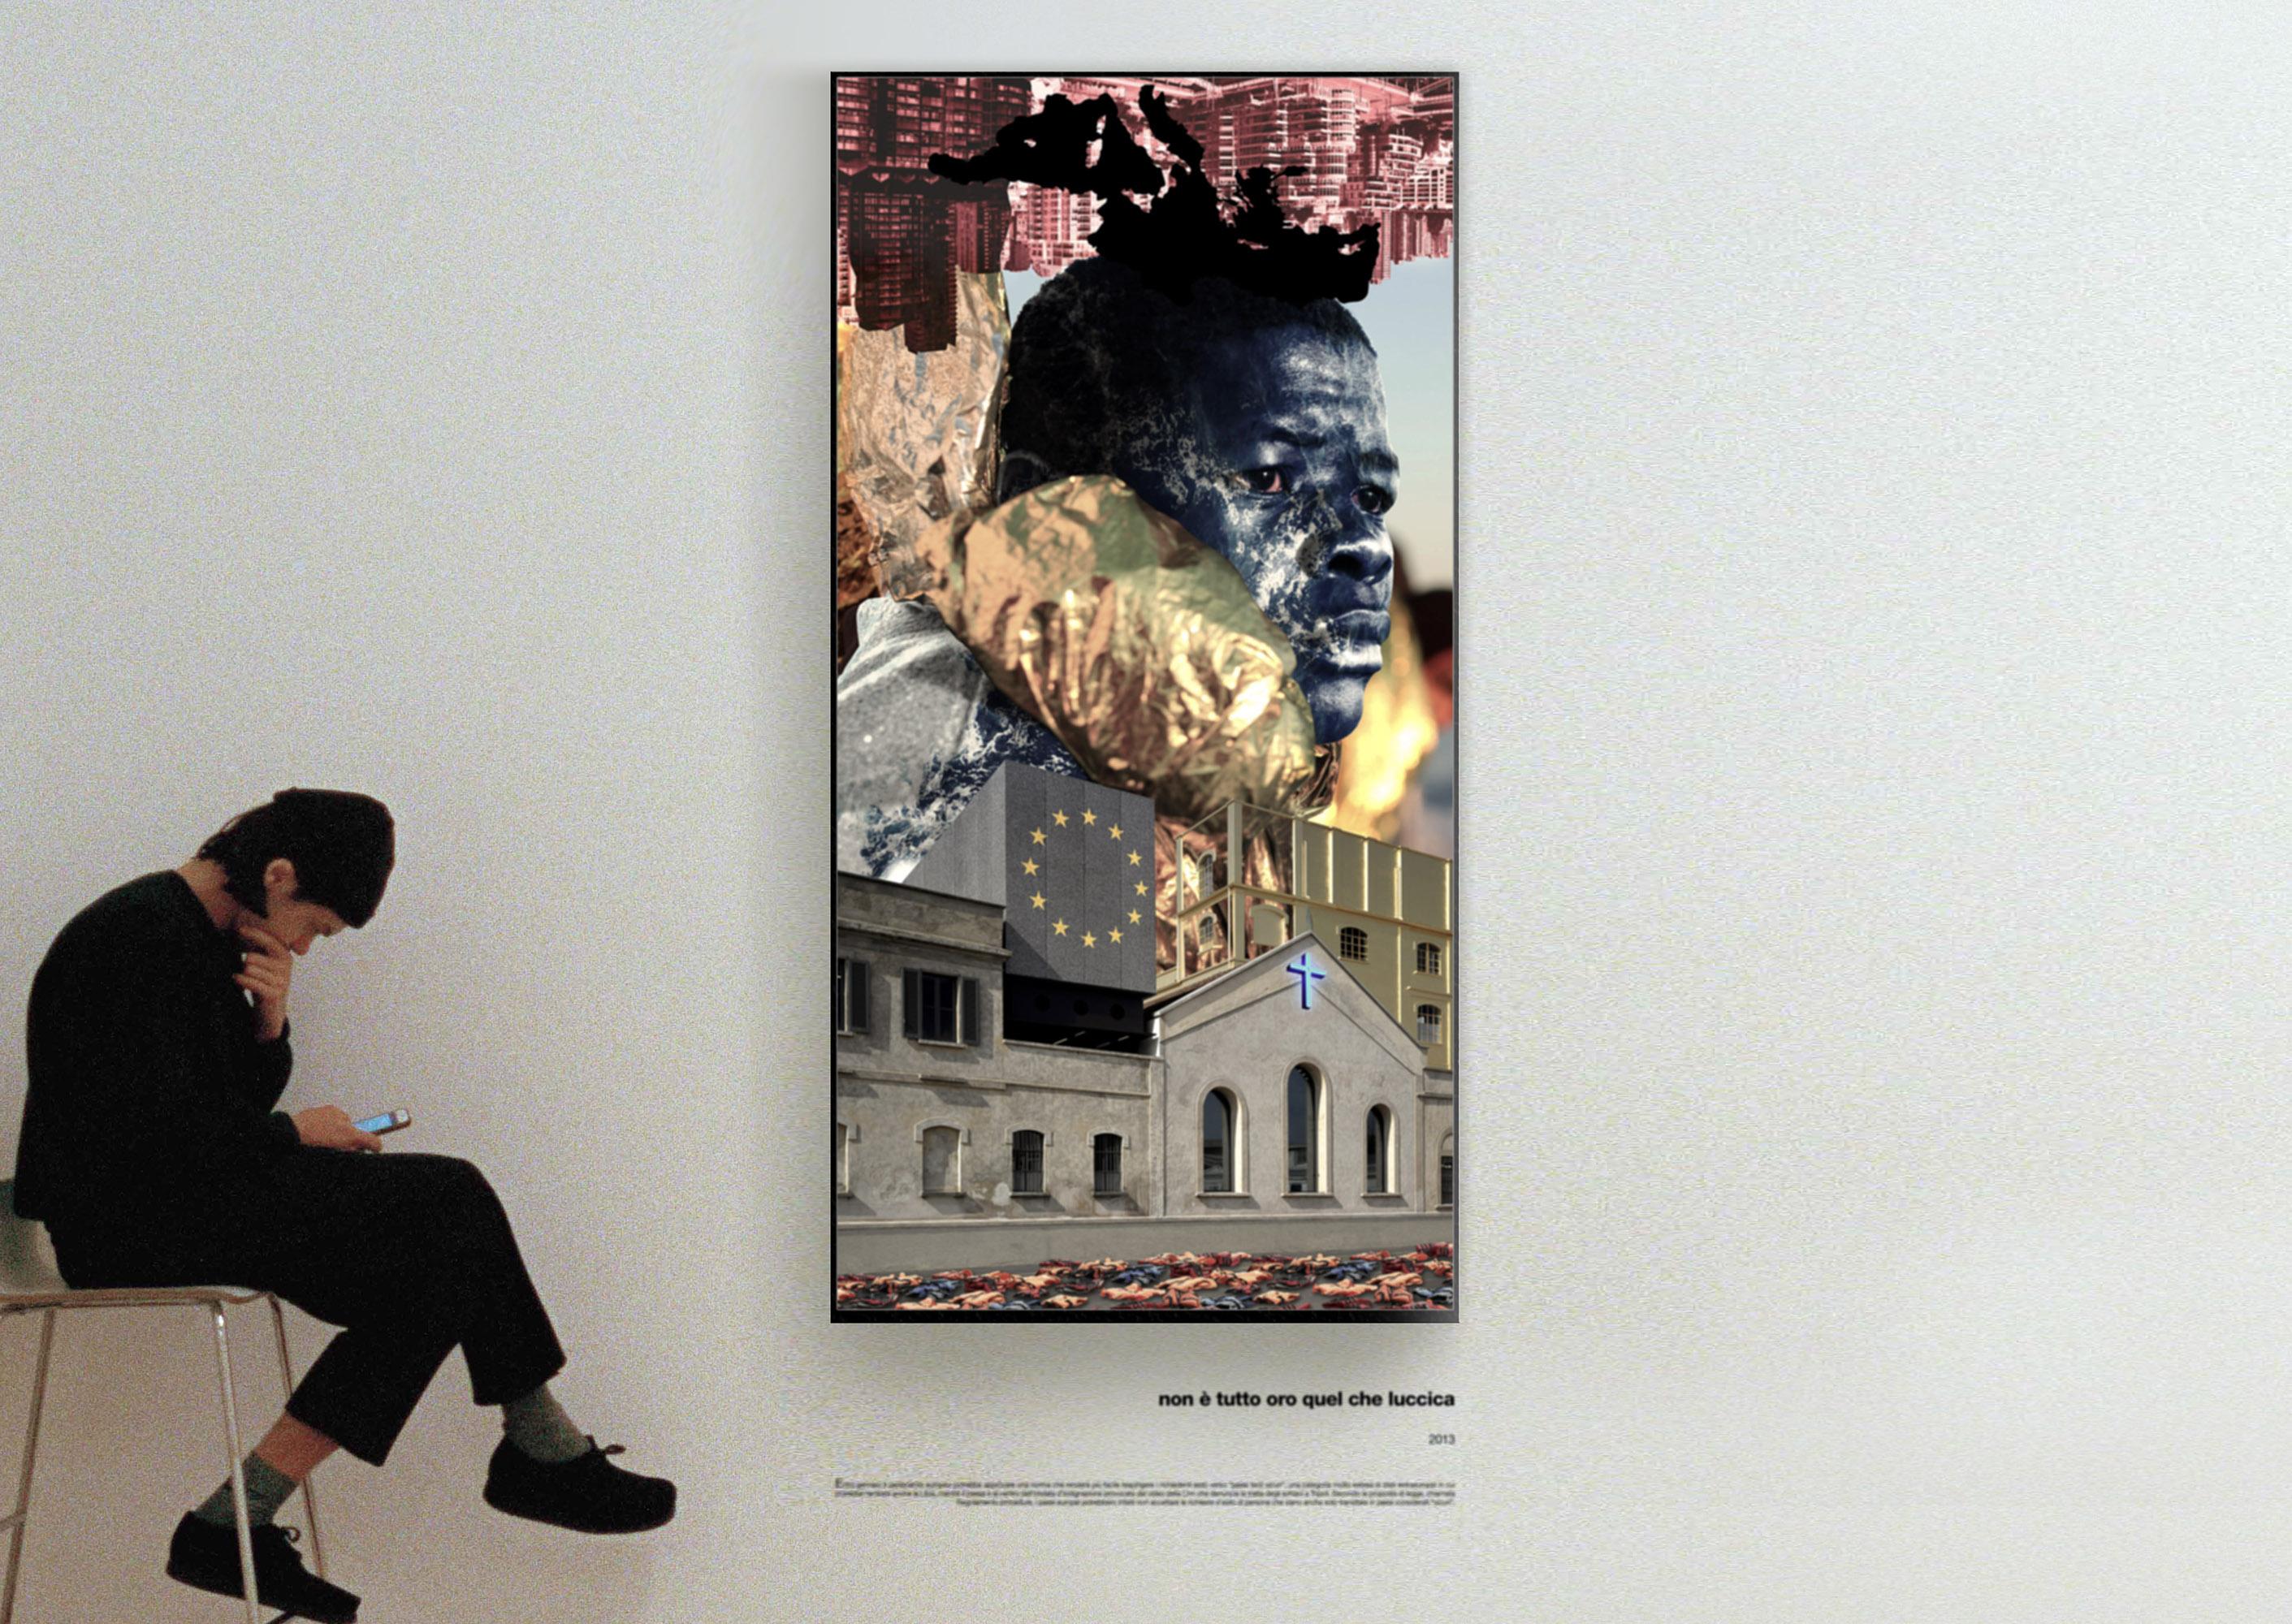 Galleria_07_Non_è_tutto_oro_quel_che_luccica